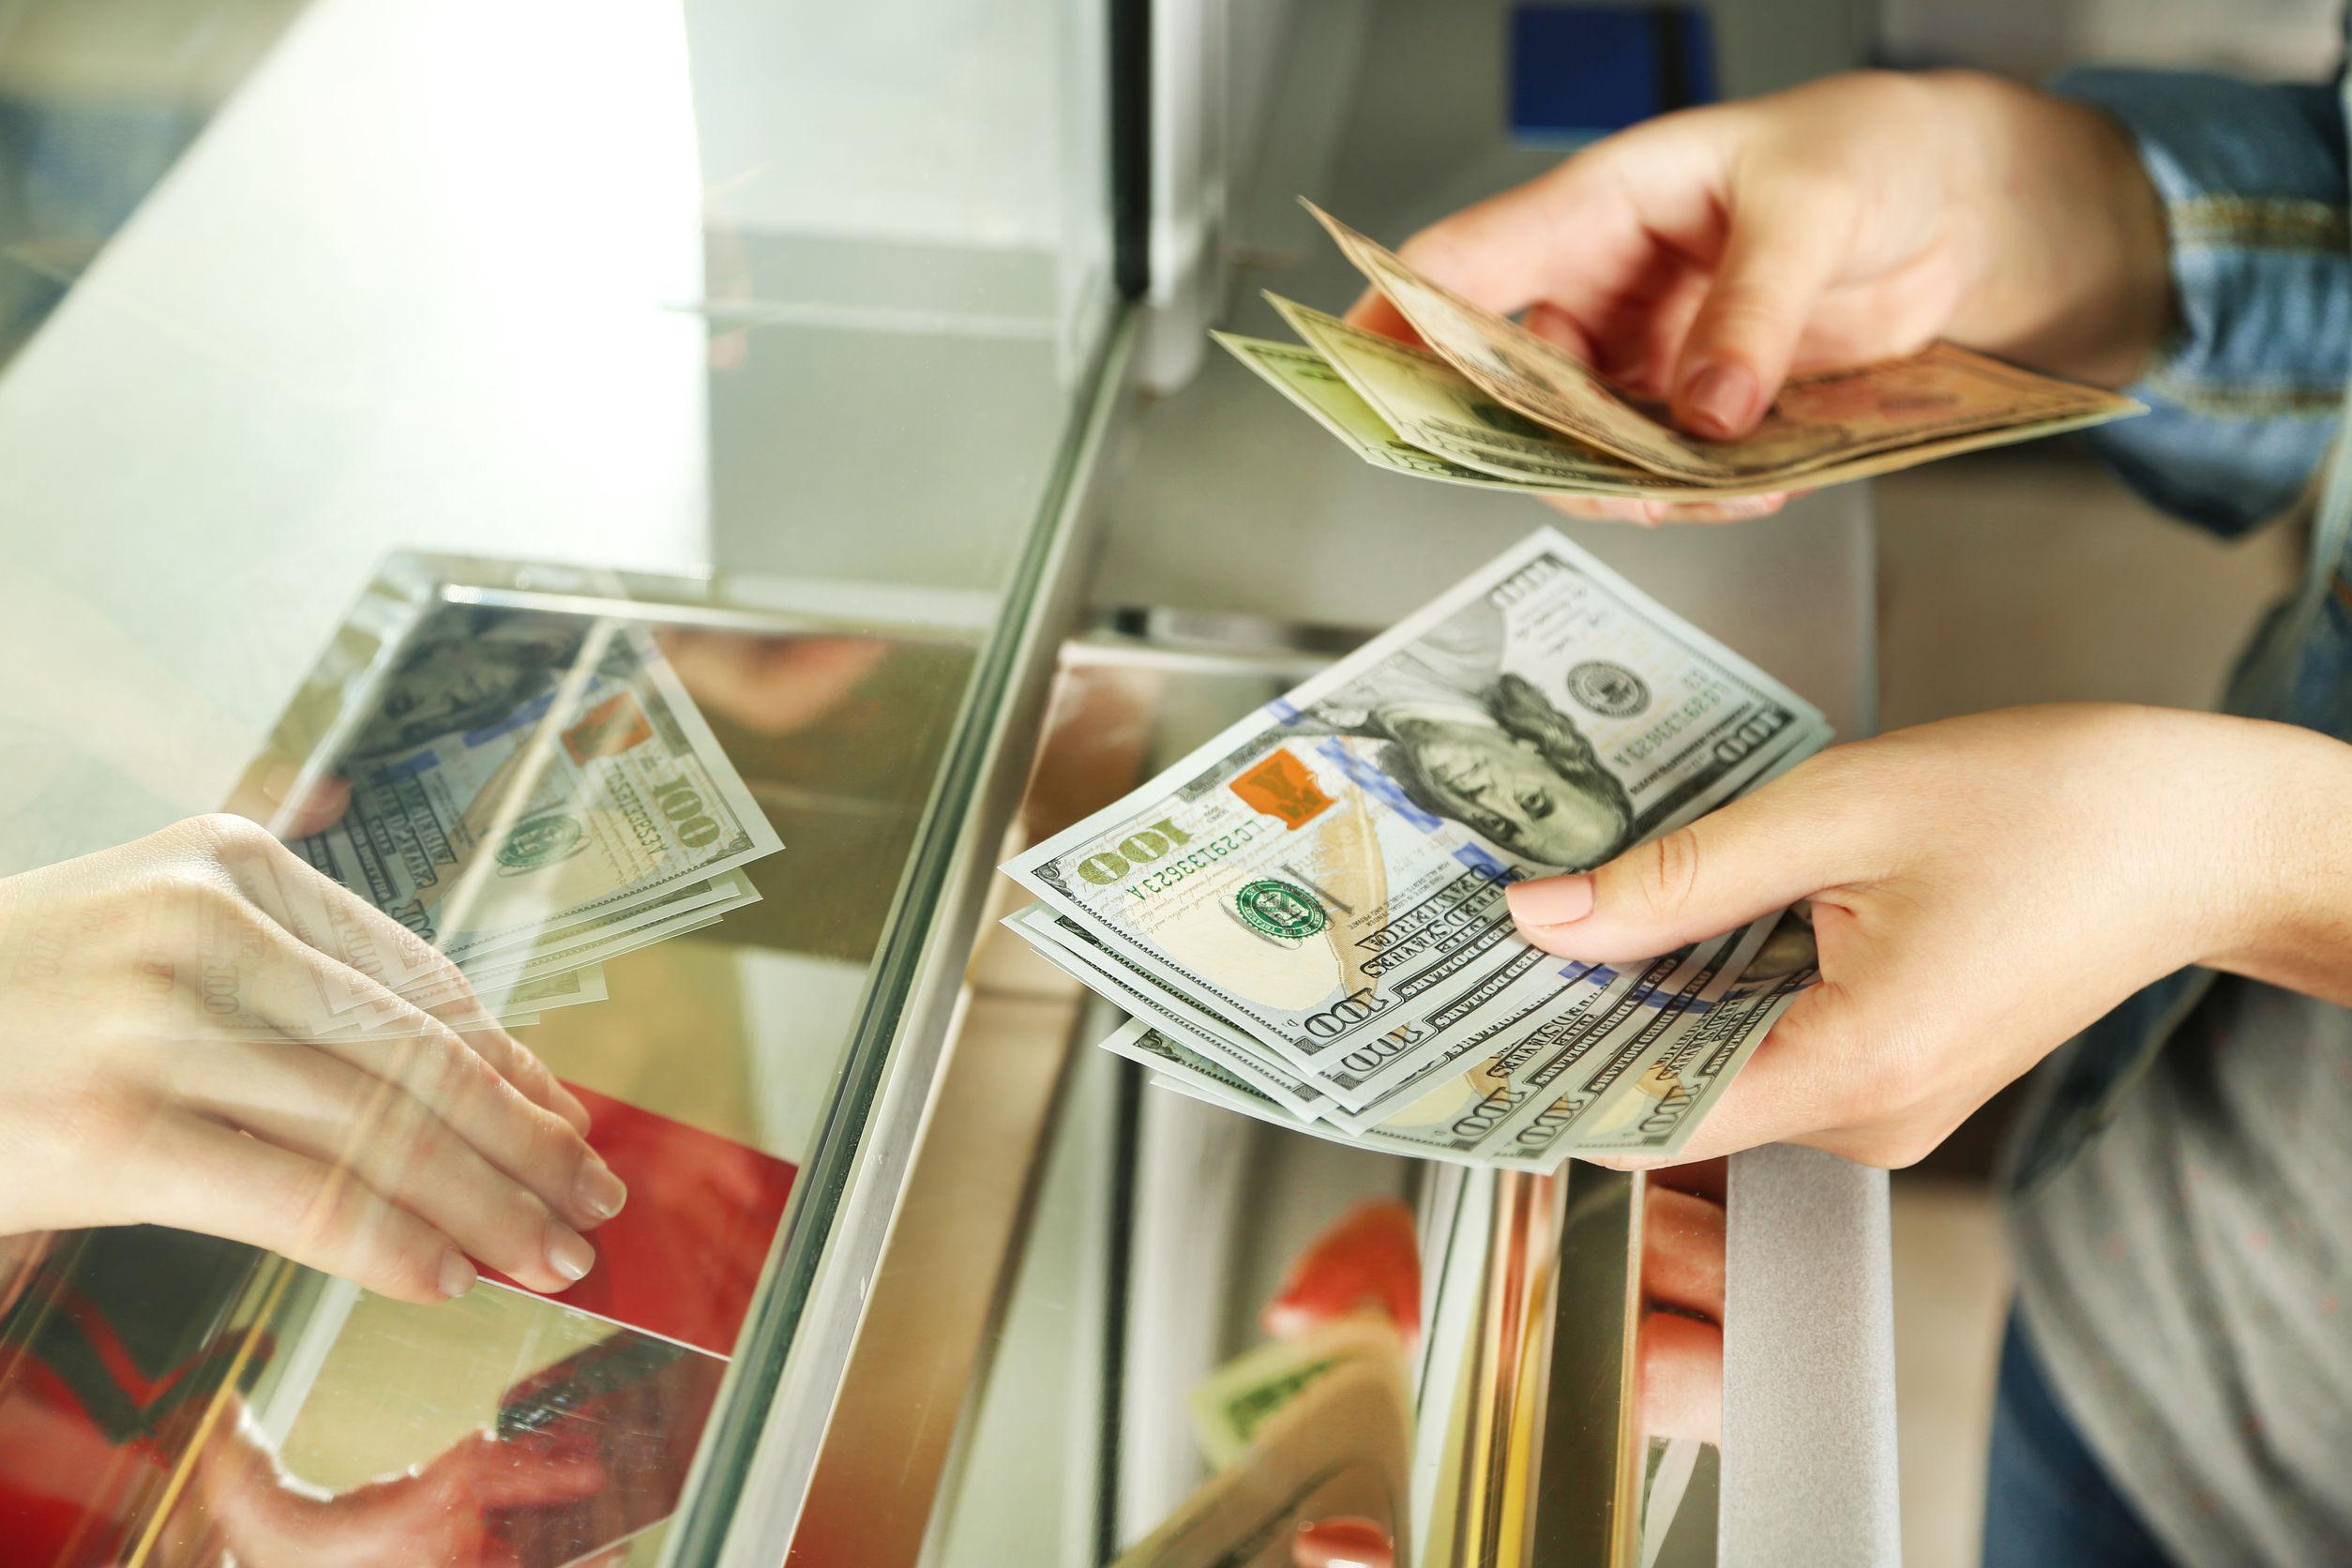 moneygram_4.jpg